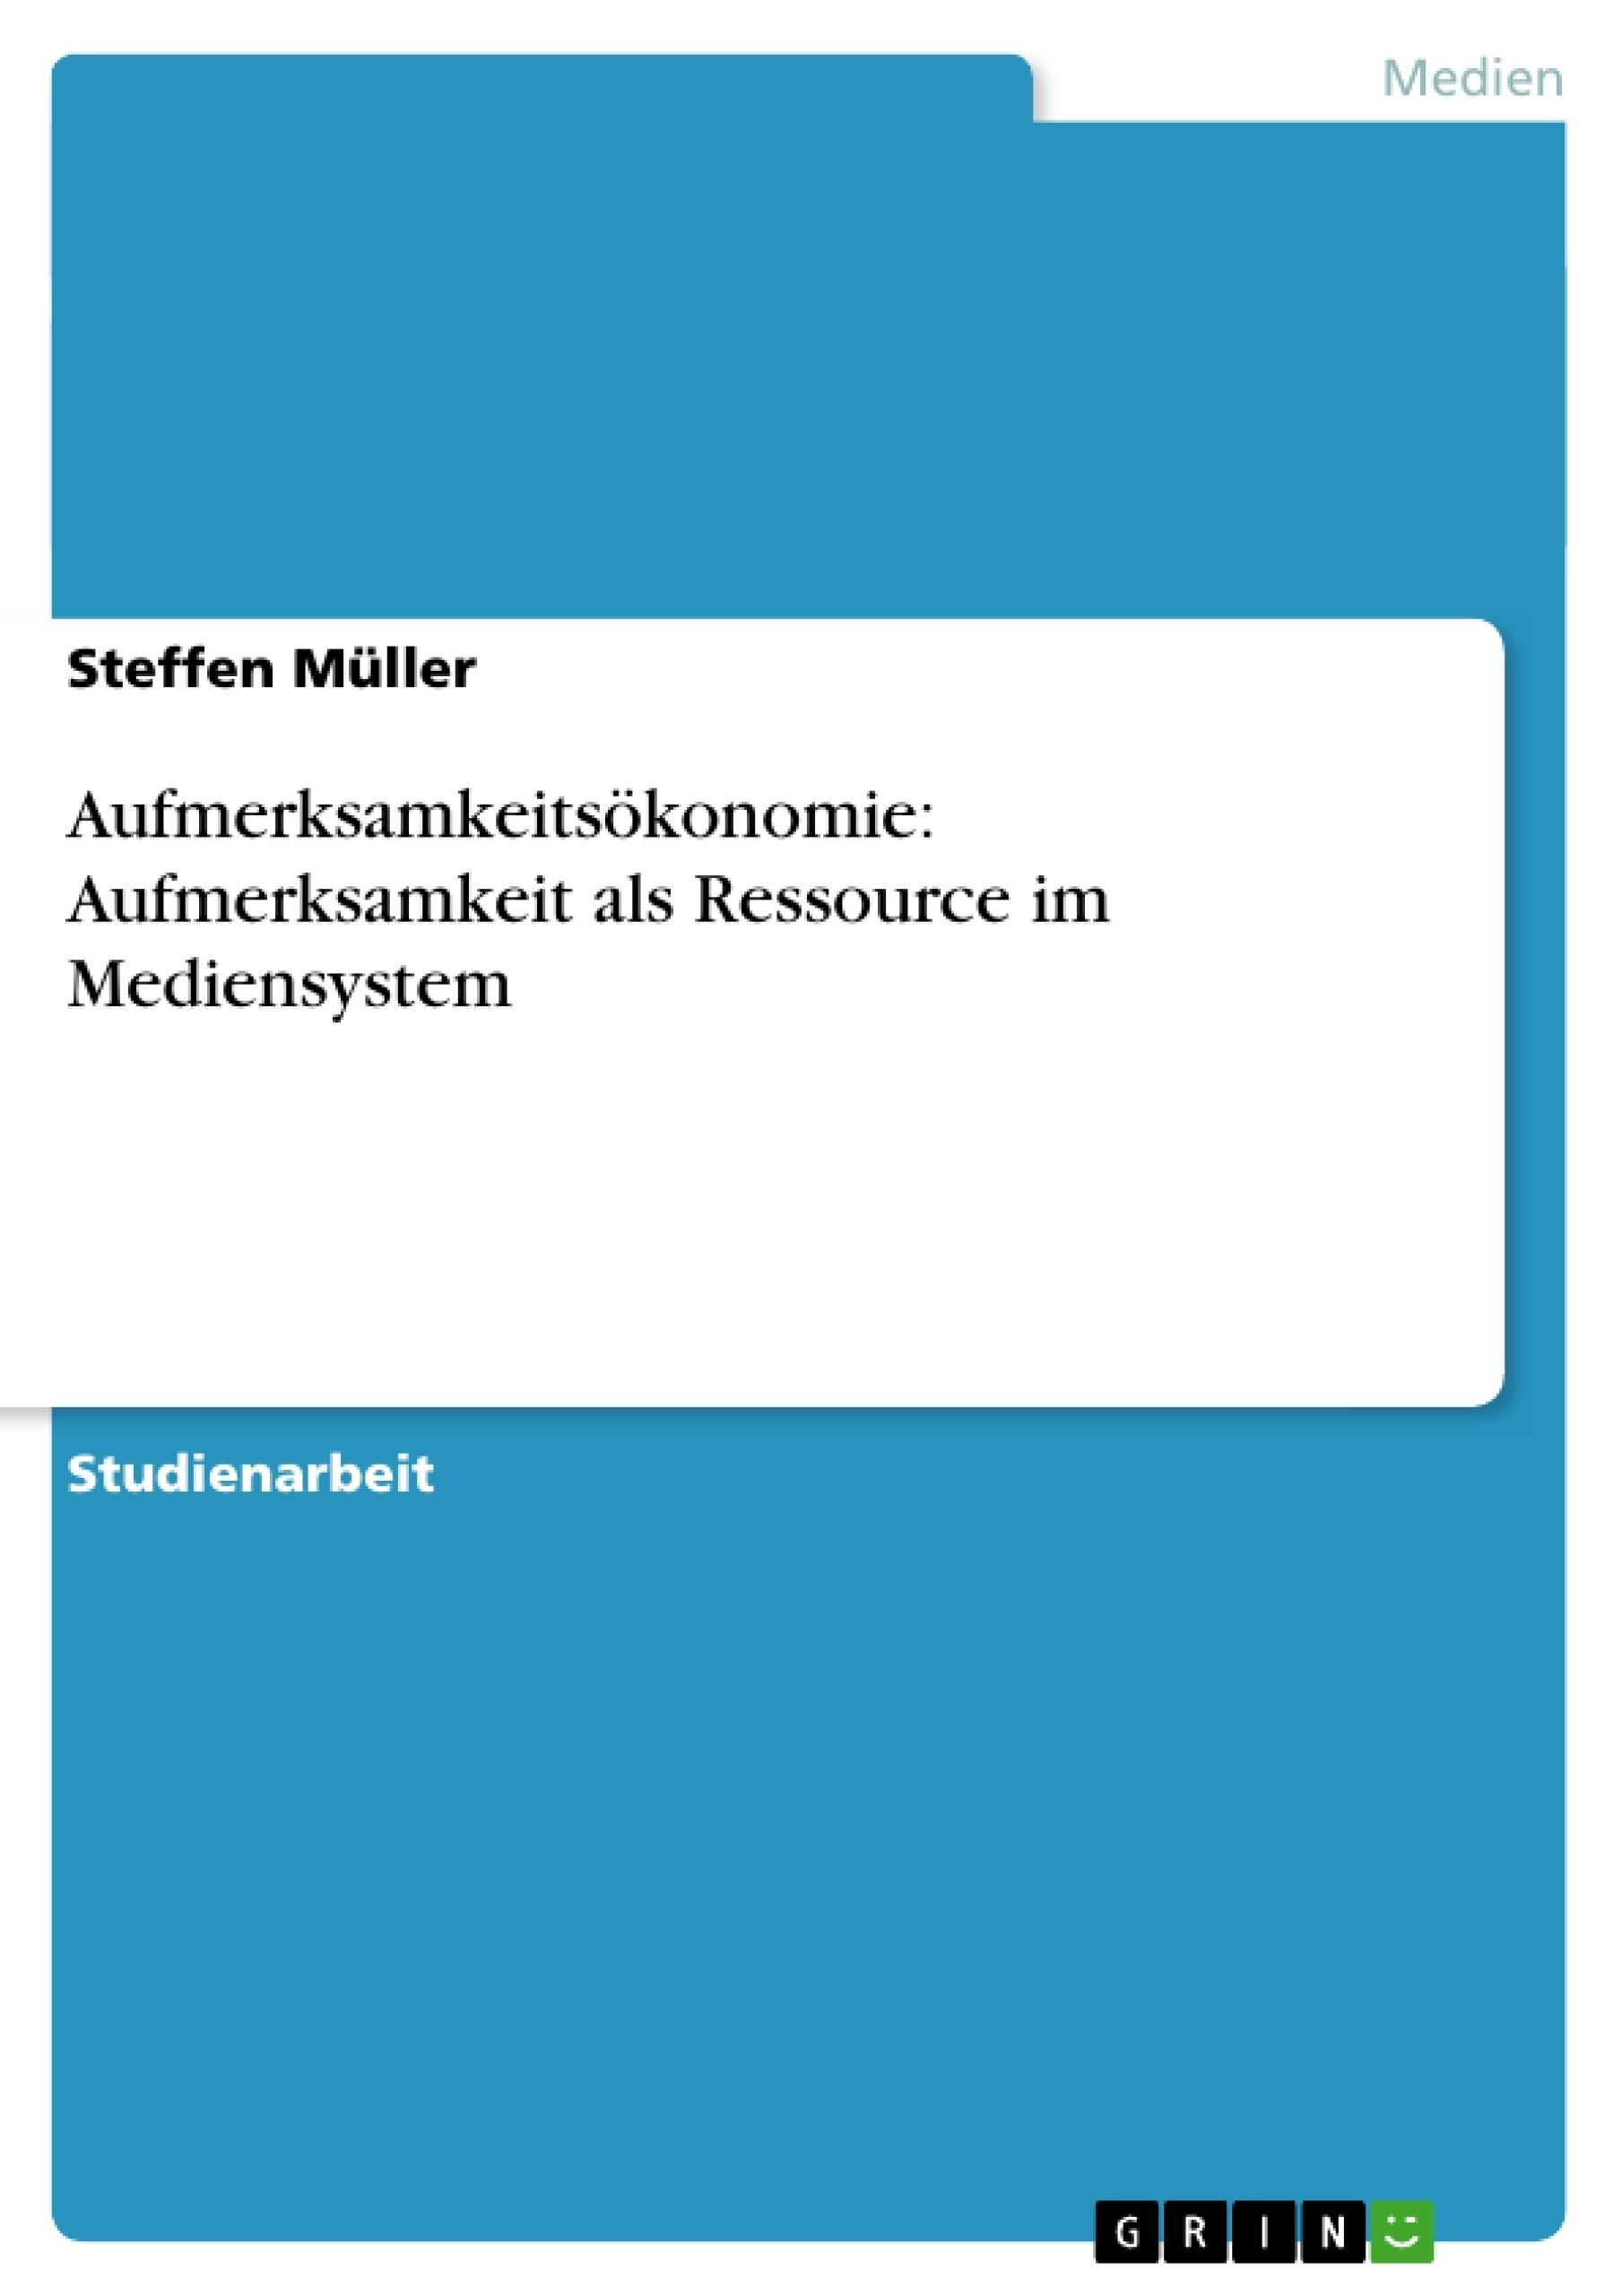 Titel: Aufmerksamkeitsökonomie: Aufmerksamkeit als Ressource im Mediensystem